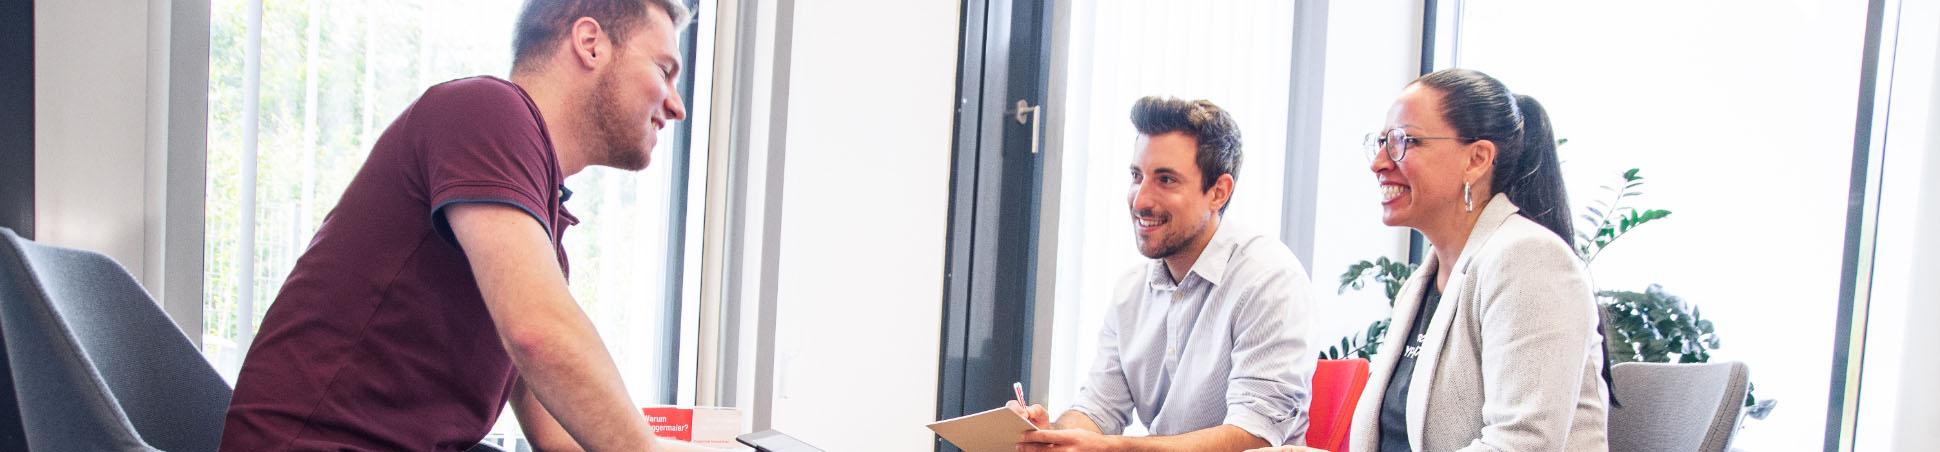 Gesprächssituation im Büro